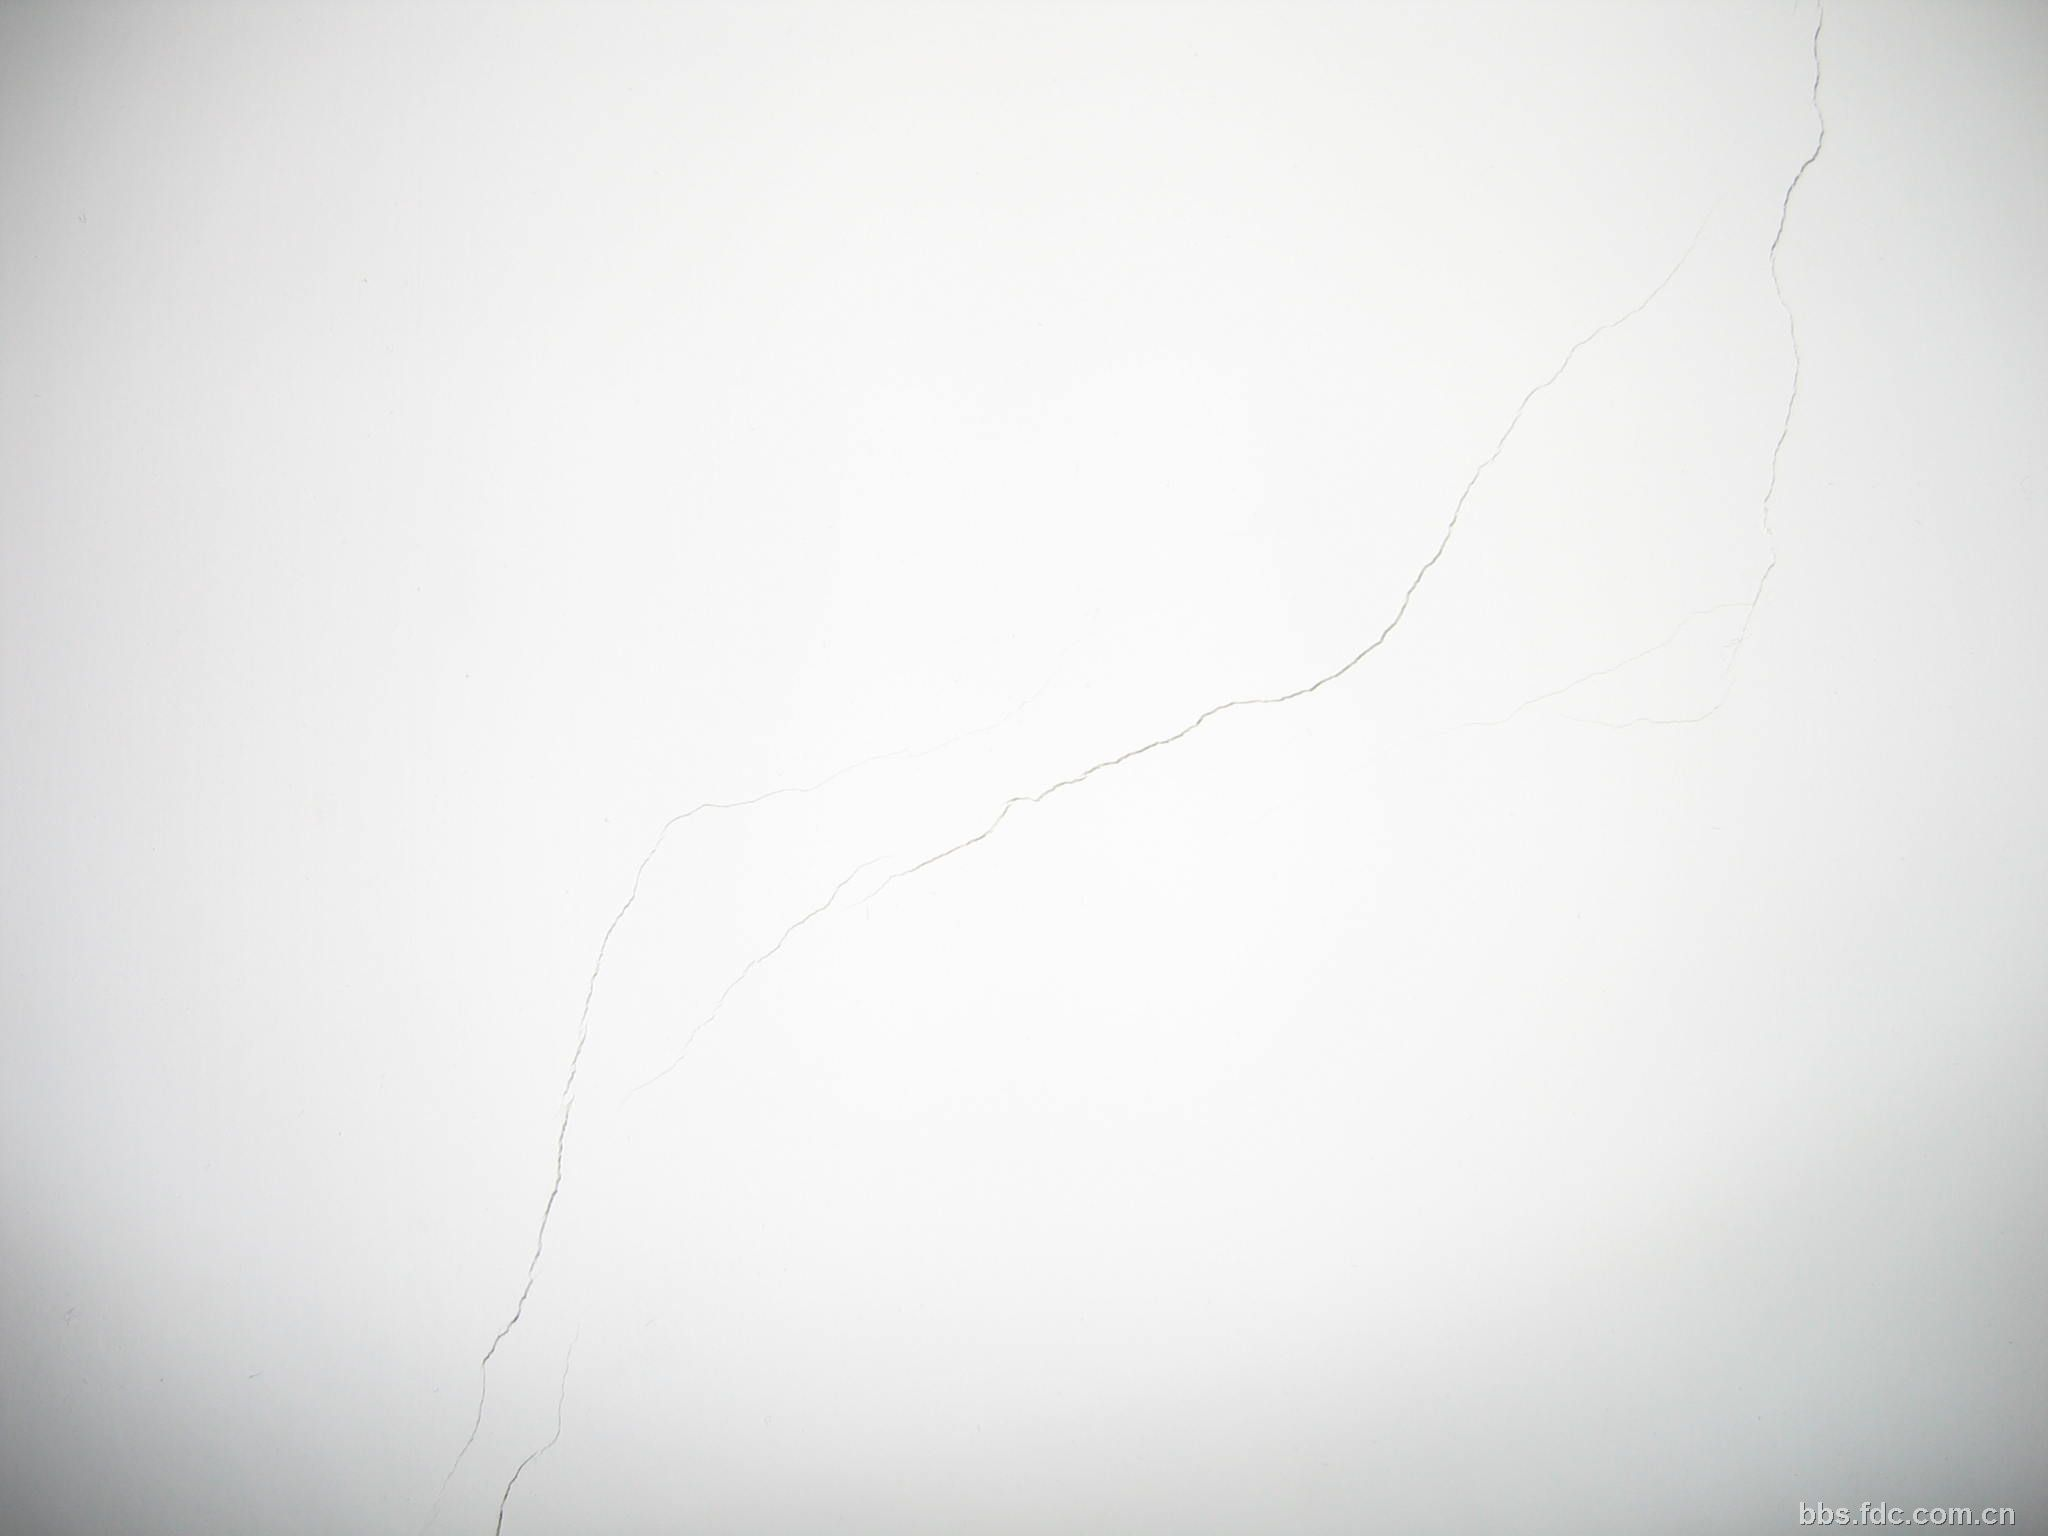 墙面油漆问题请教!急![新上了图片]